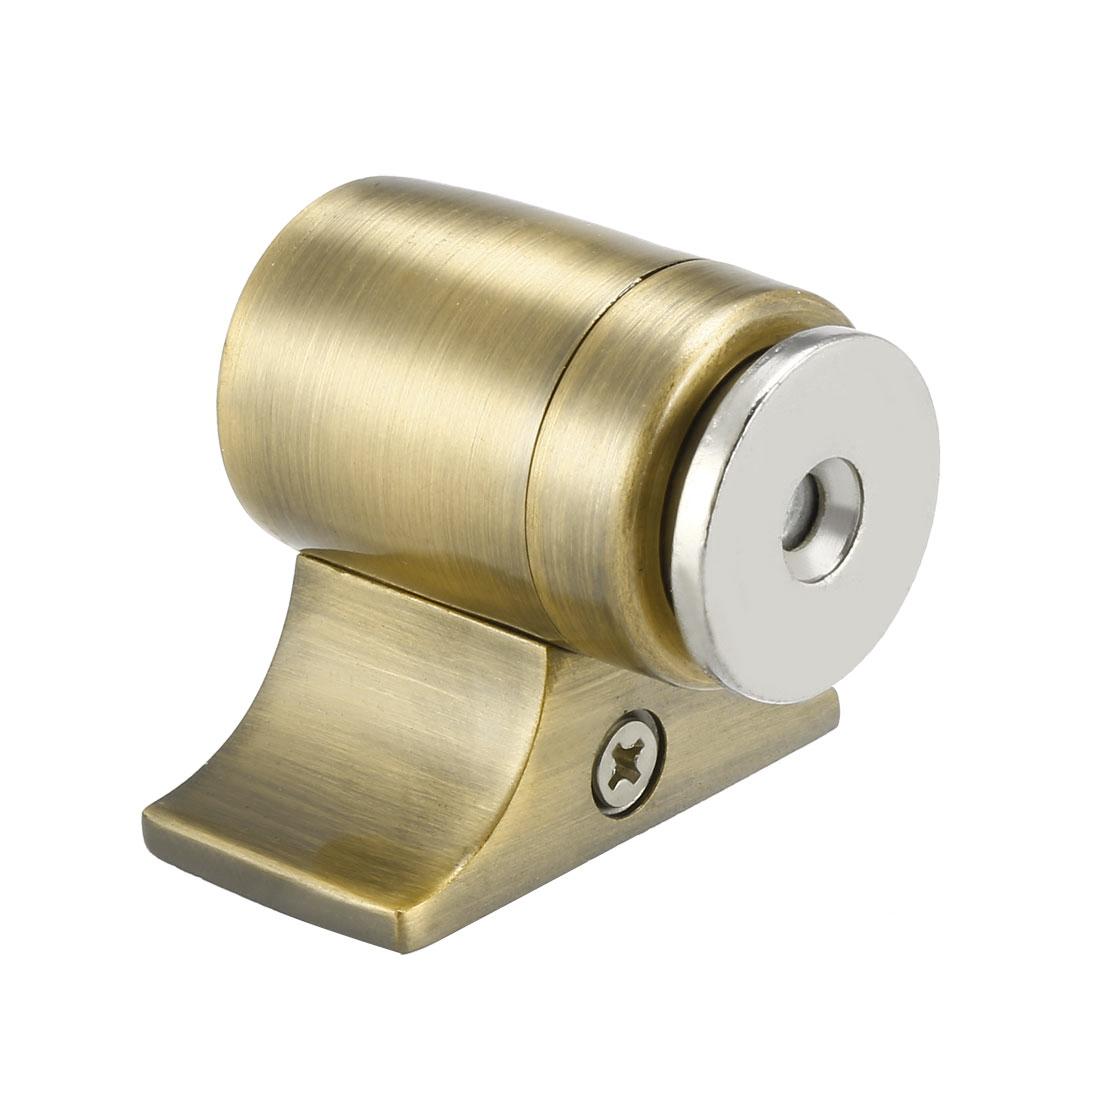 Magnetic Door Stopper Catch, Stainless Steel Door Stop Floor Mount Bronze Tone